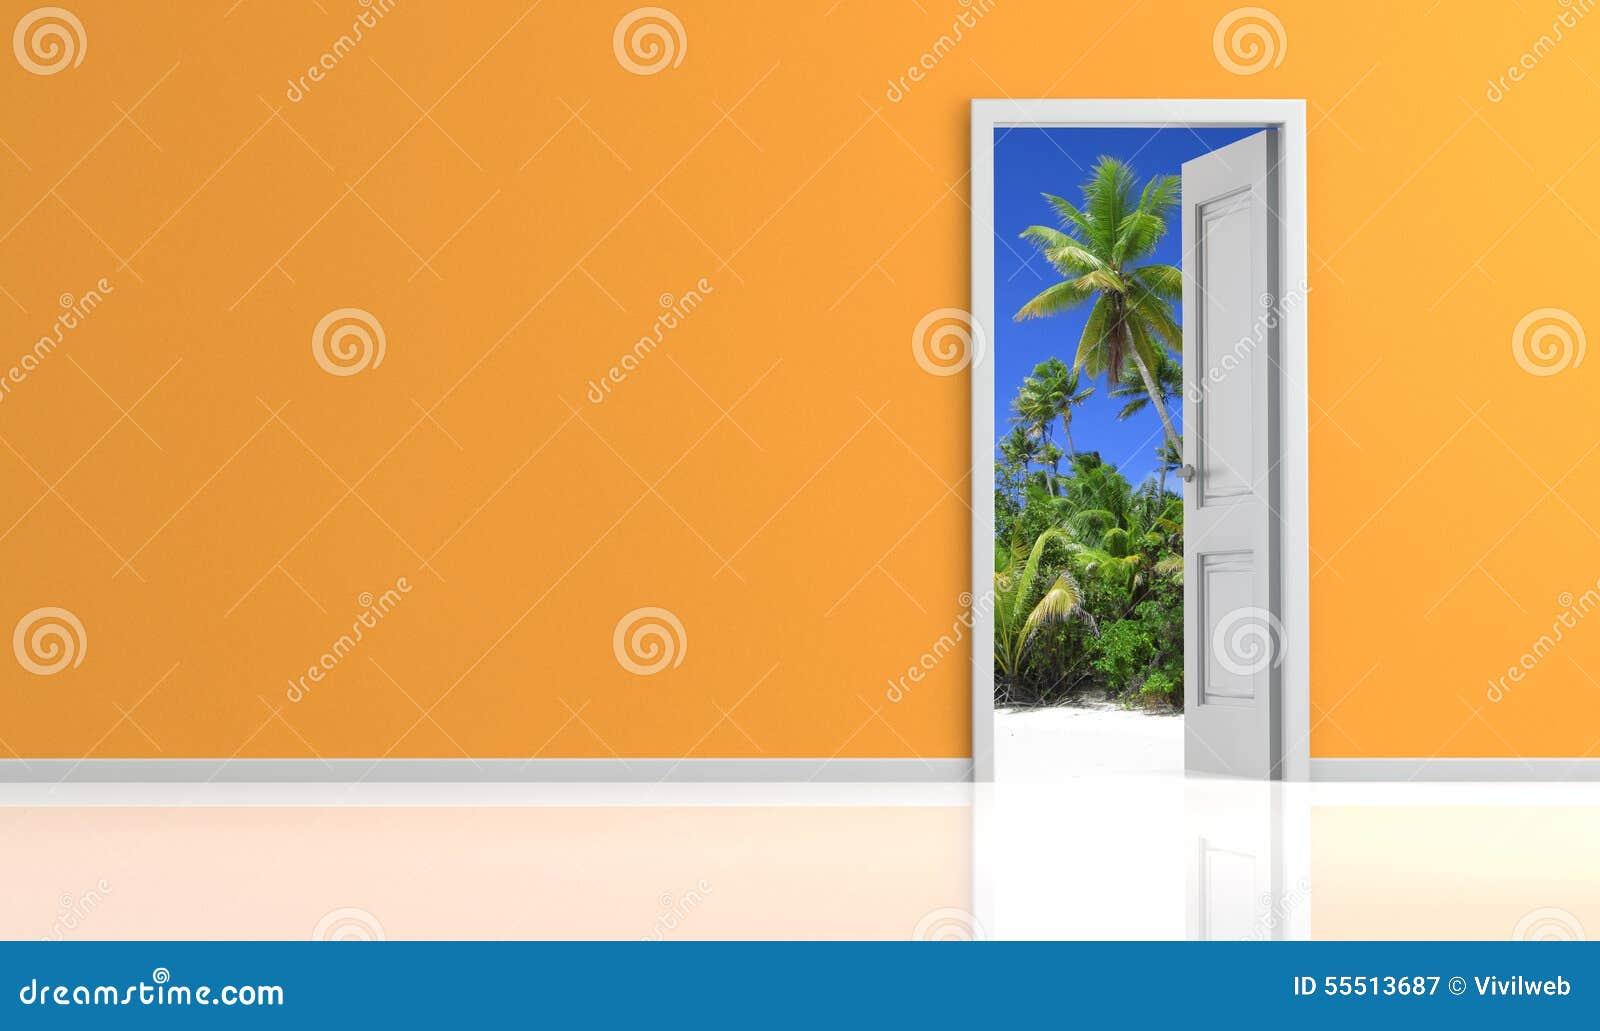 Porte ouverte sur un paysage tropical illustration stock for Porte ouverte